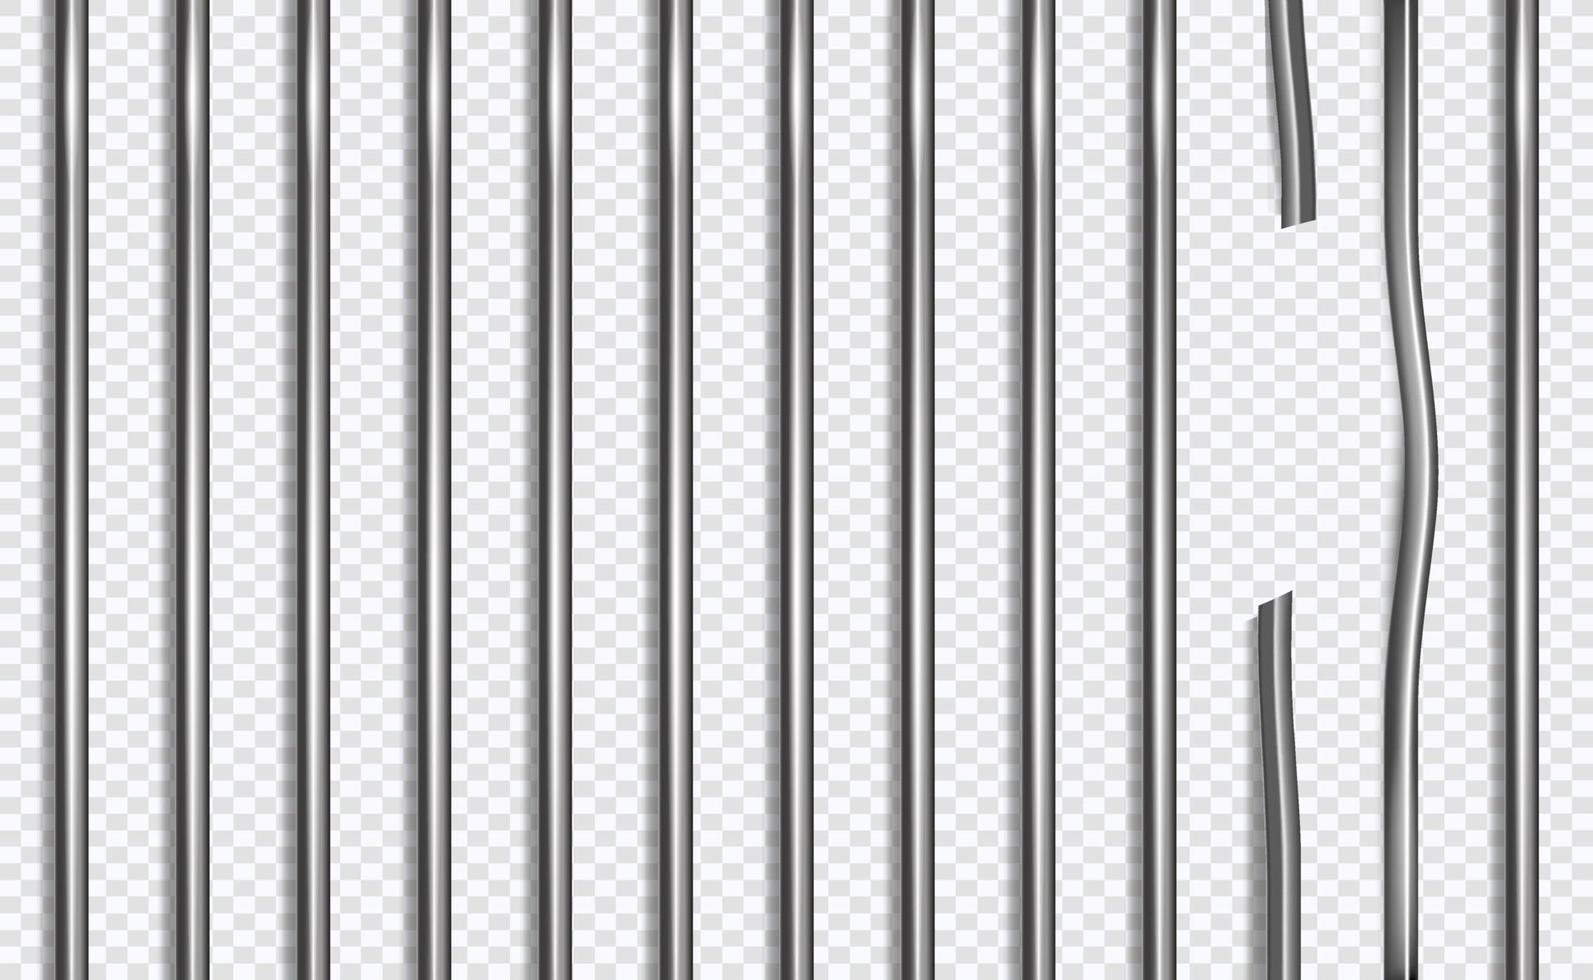 barre di prigione rotte in stile 3d su sfondo isolato. illustrazione vettoriale. vettore